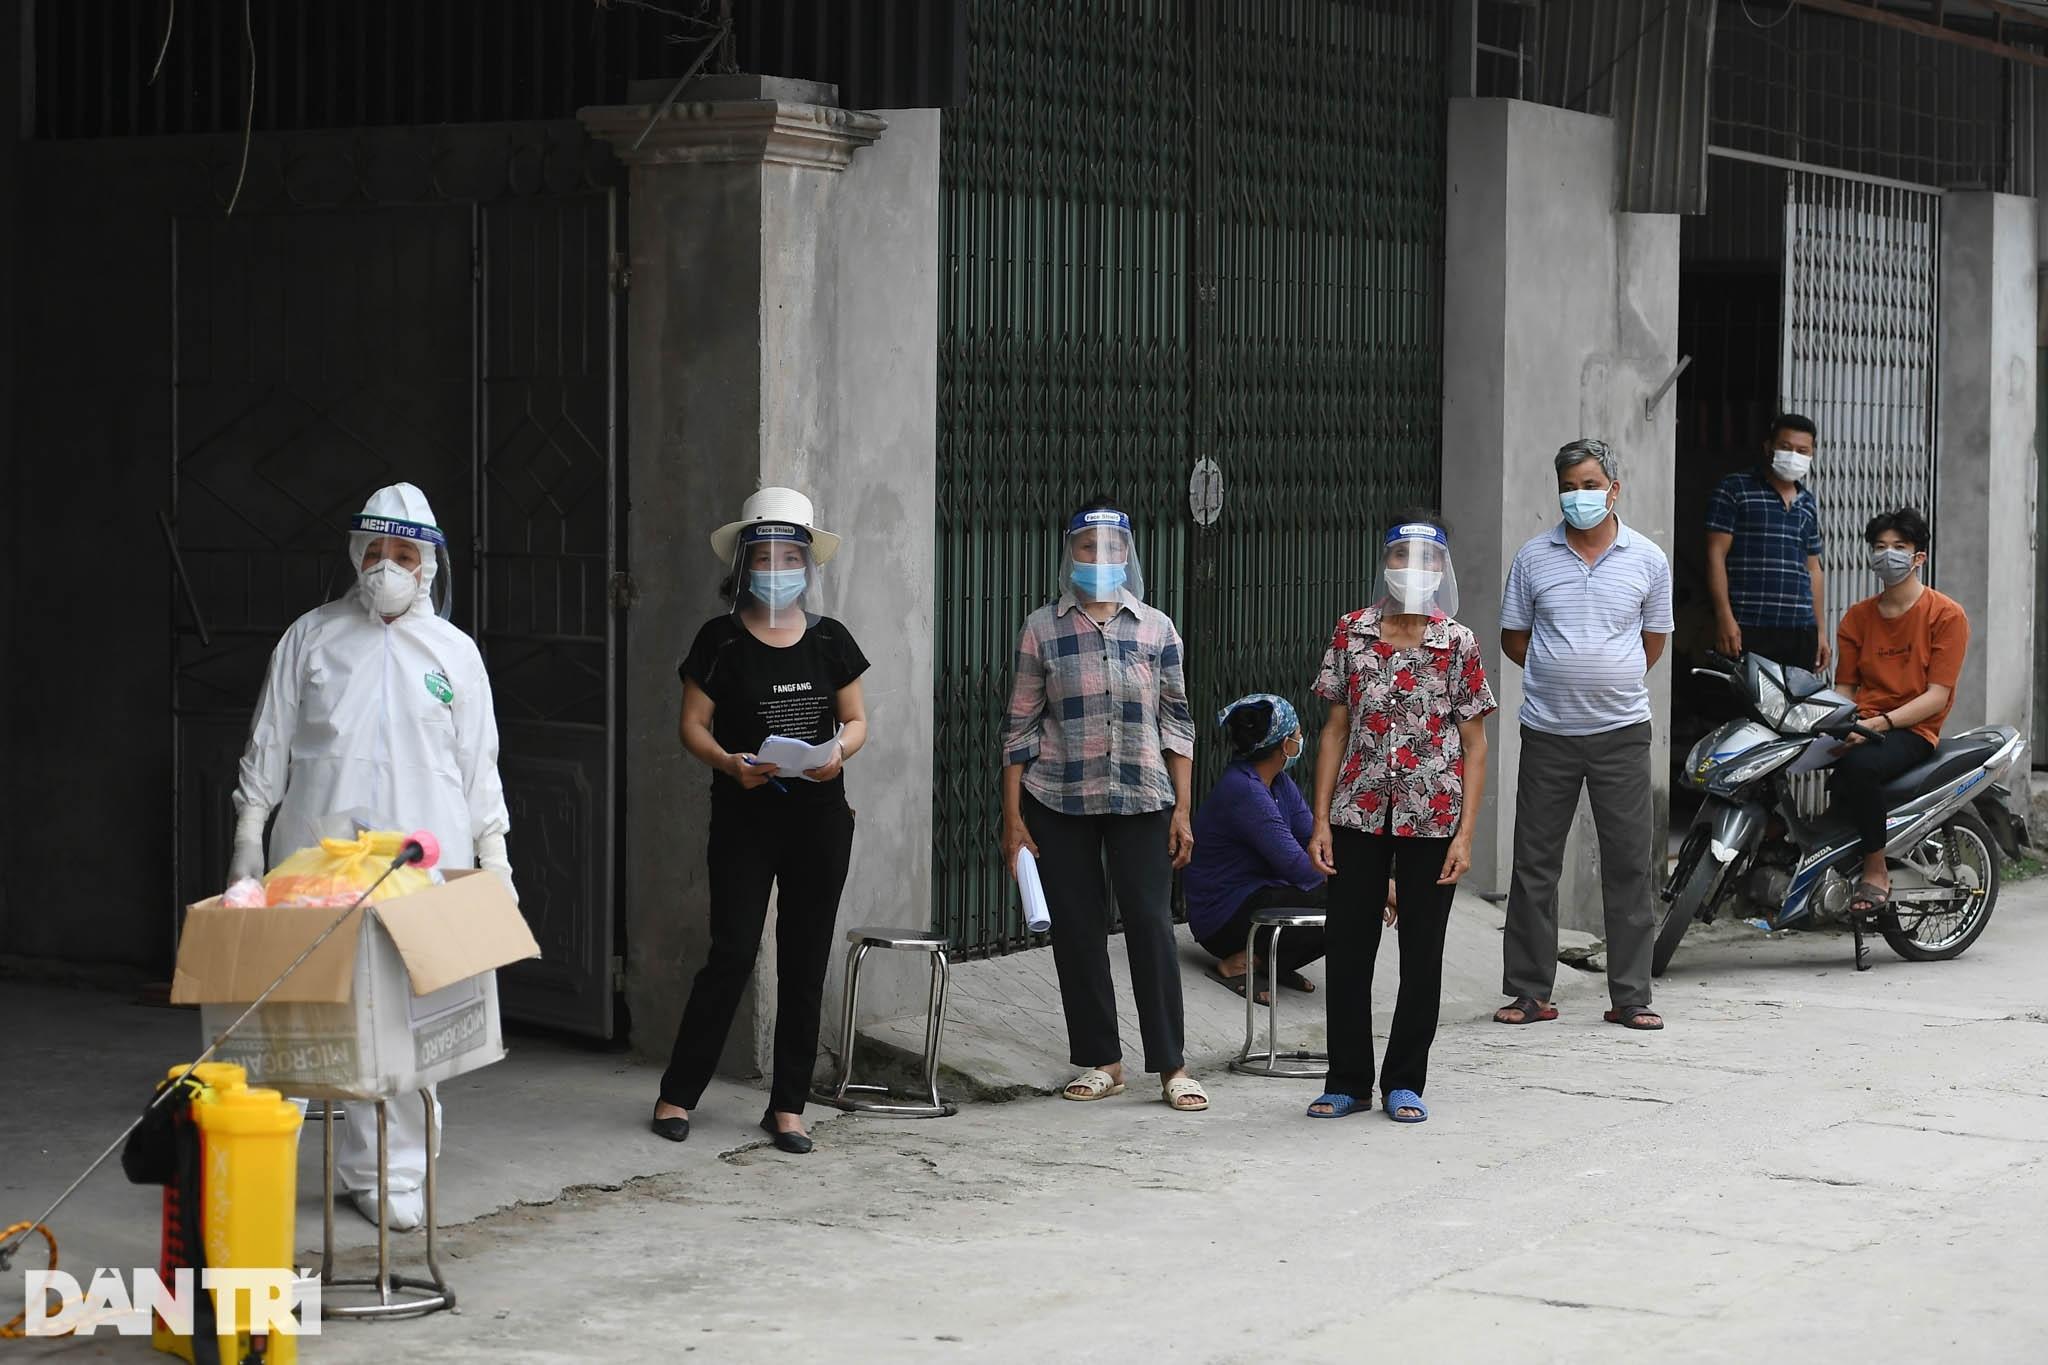 Cuộc sống khu dân cư cách ly ở Hà Nội: Cầu trời cho dịch bệnh qua nhanh - 7